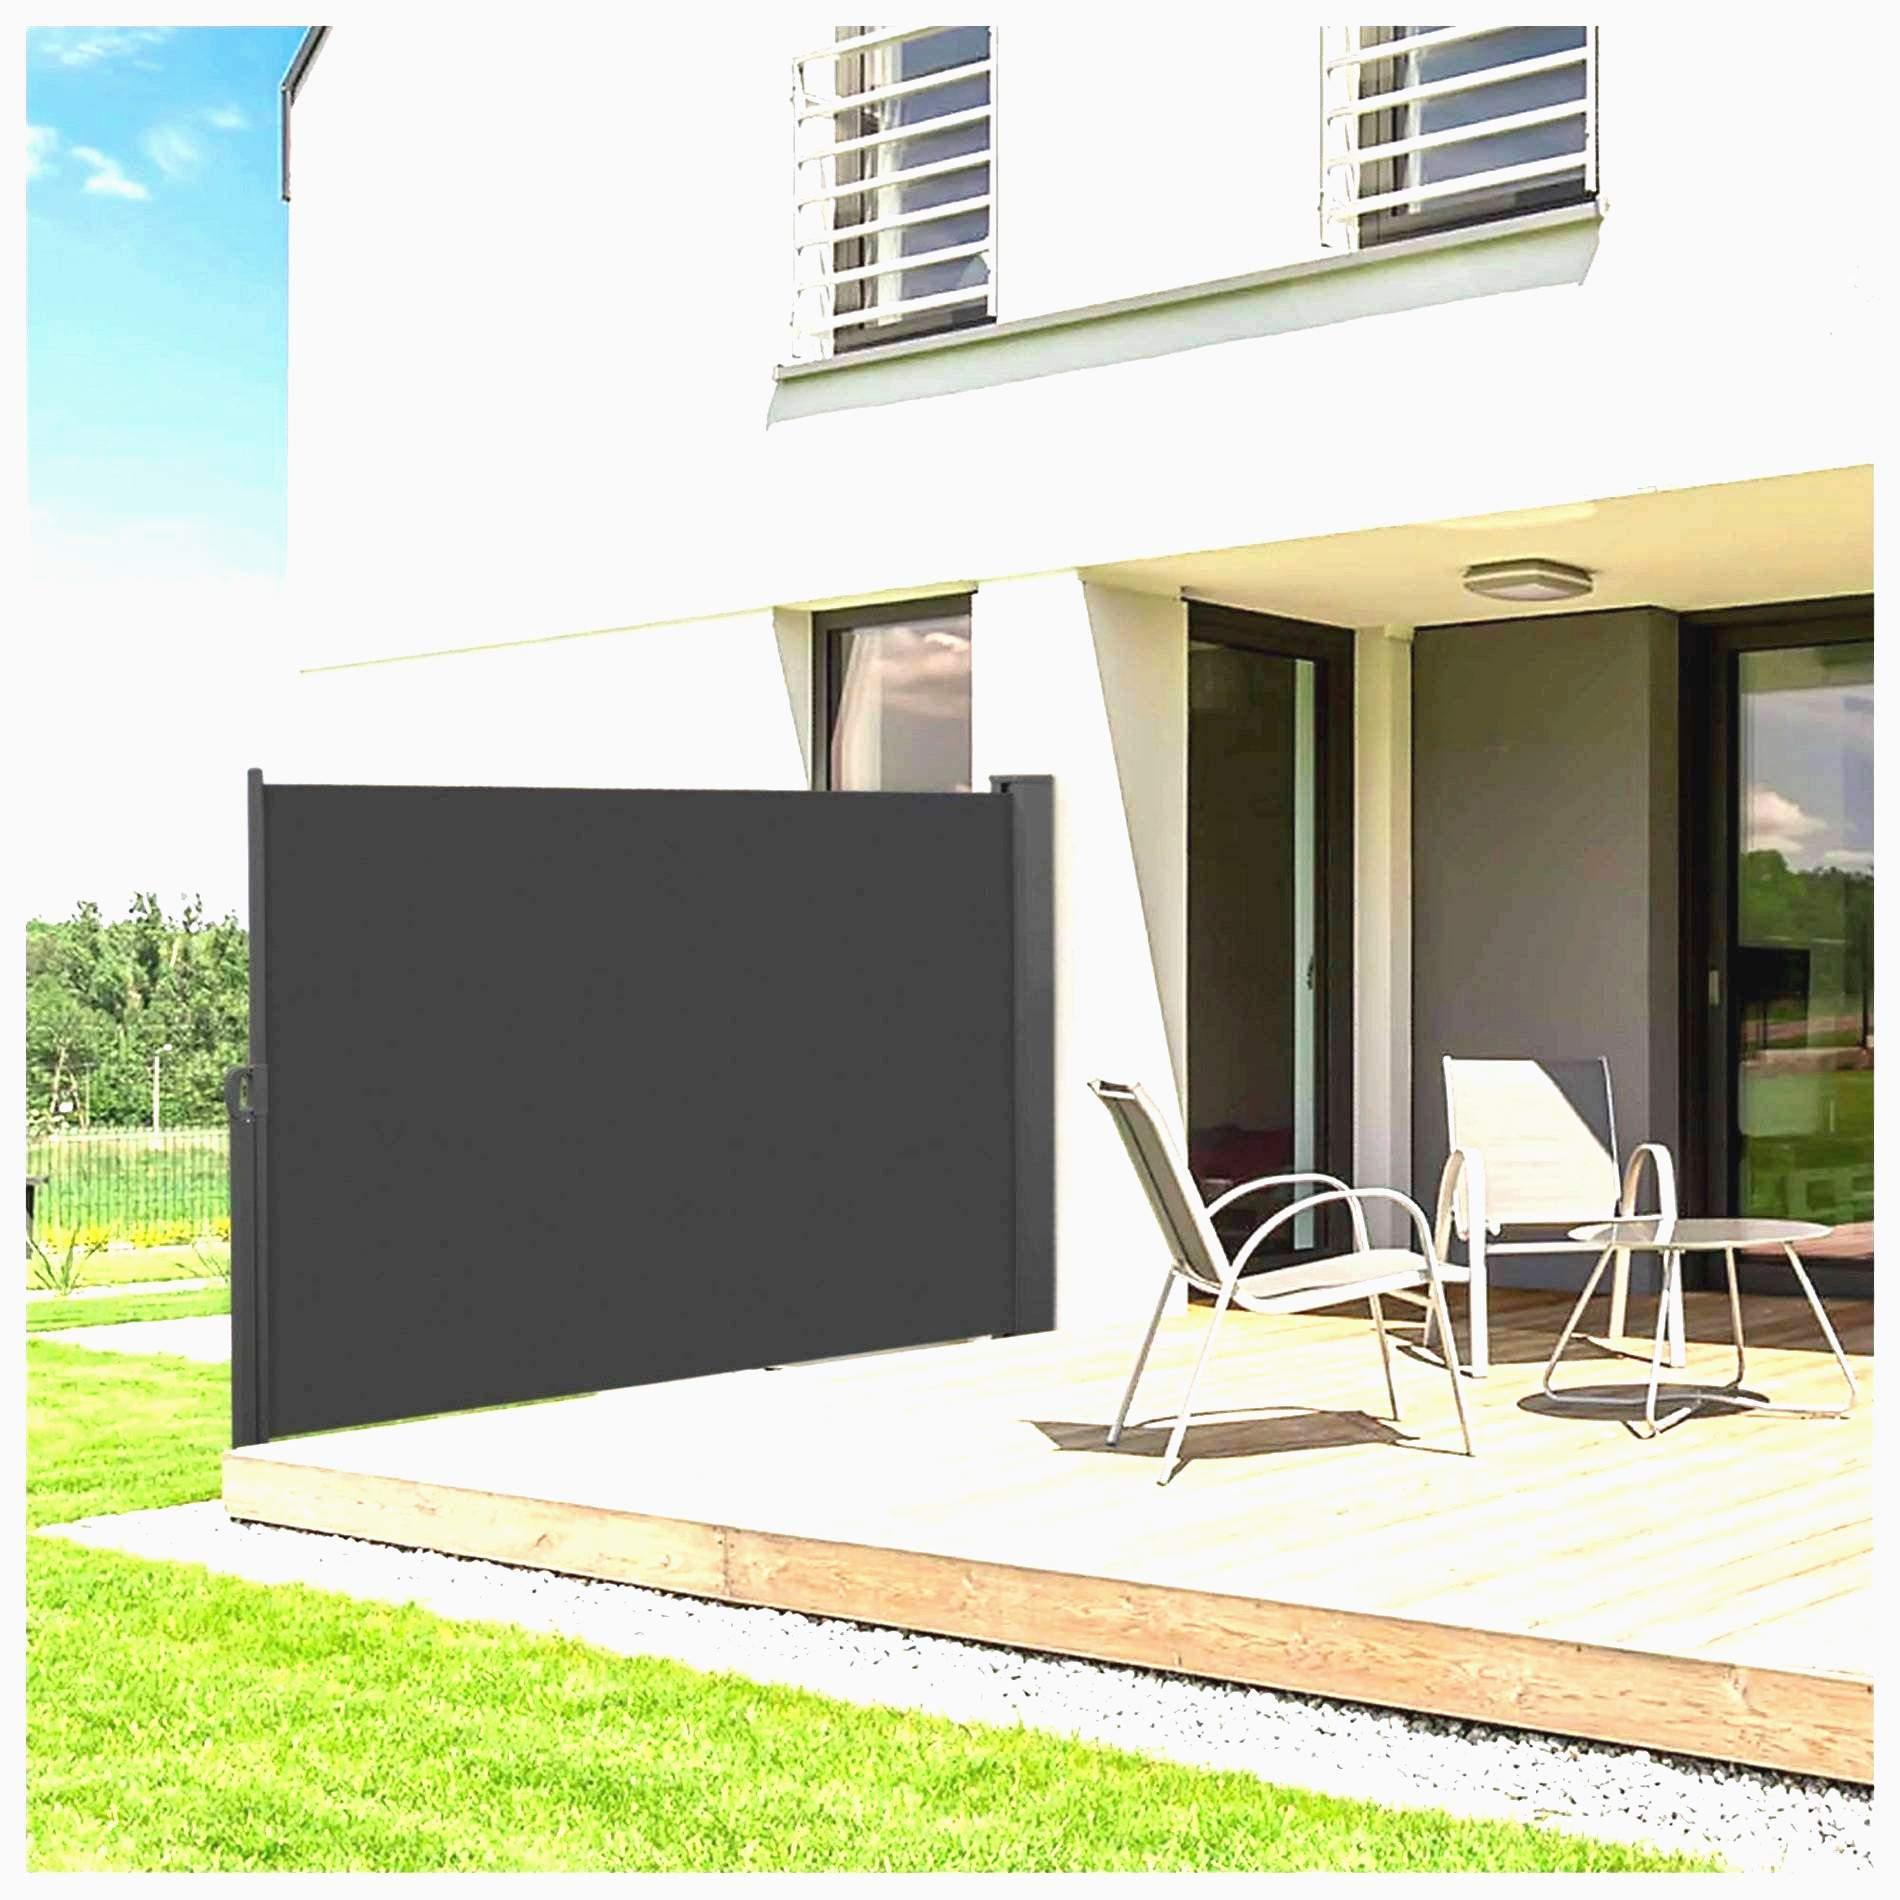 wohnzimmer pflanzen luxus holz auf terrasse terrassengestaltung sichtschutz 0d zum of wohnzimmer pflanzen